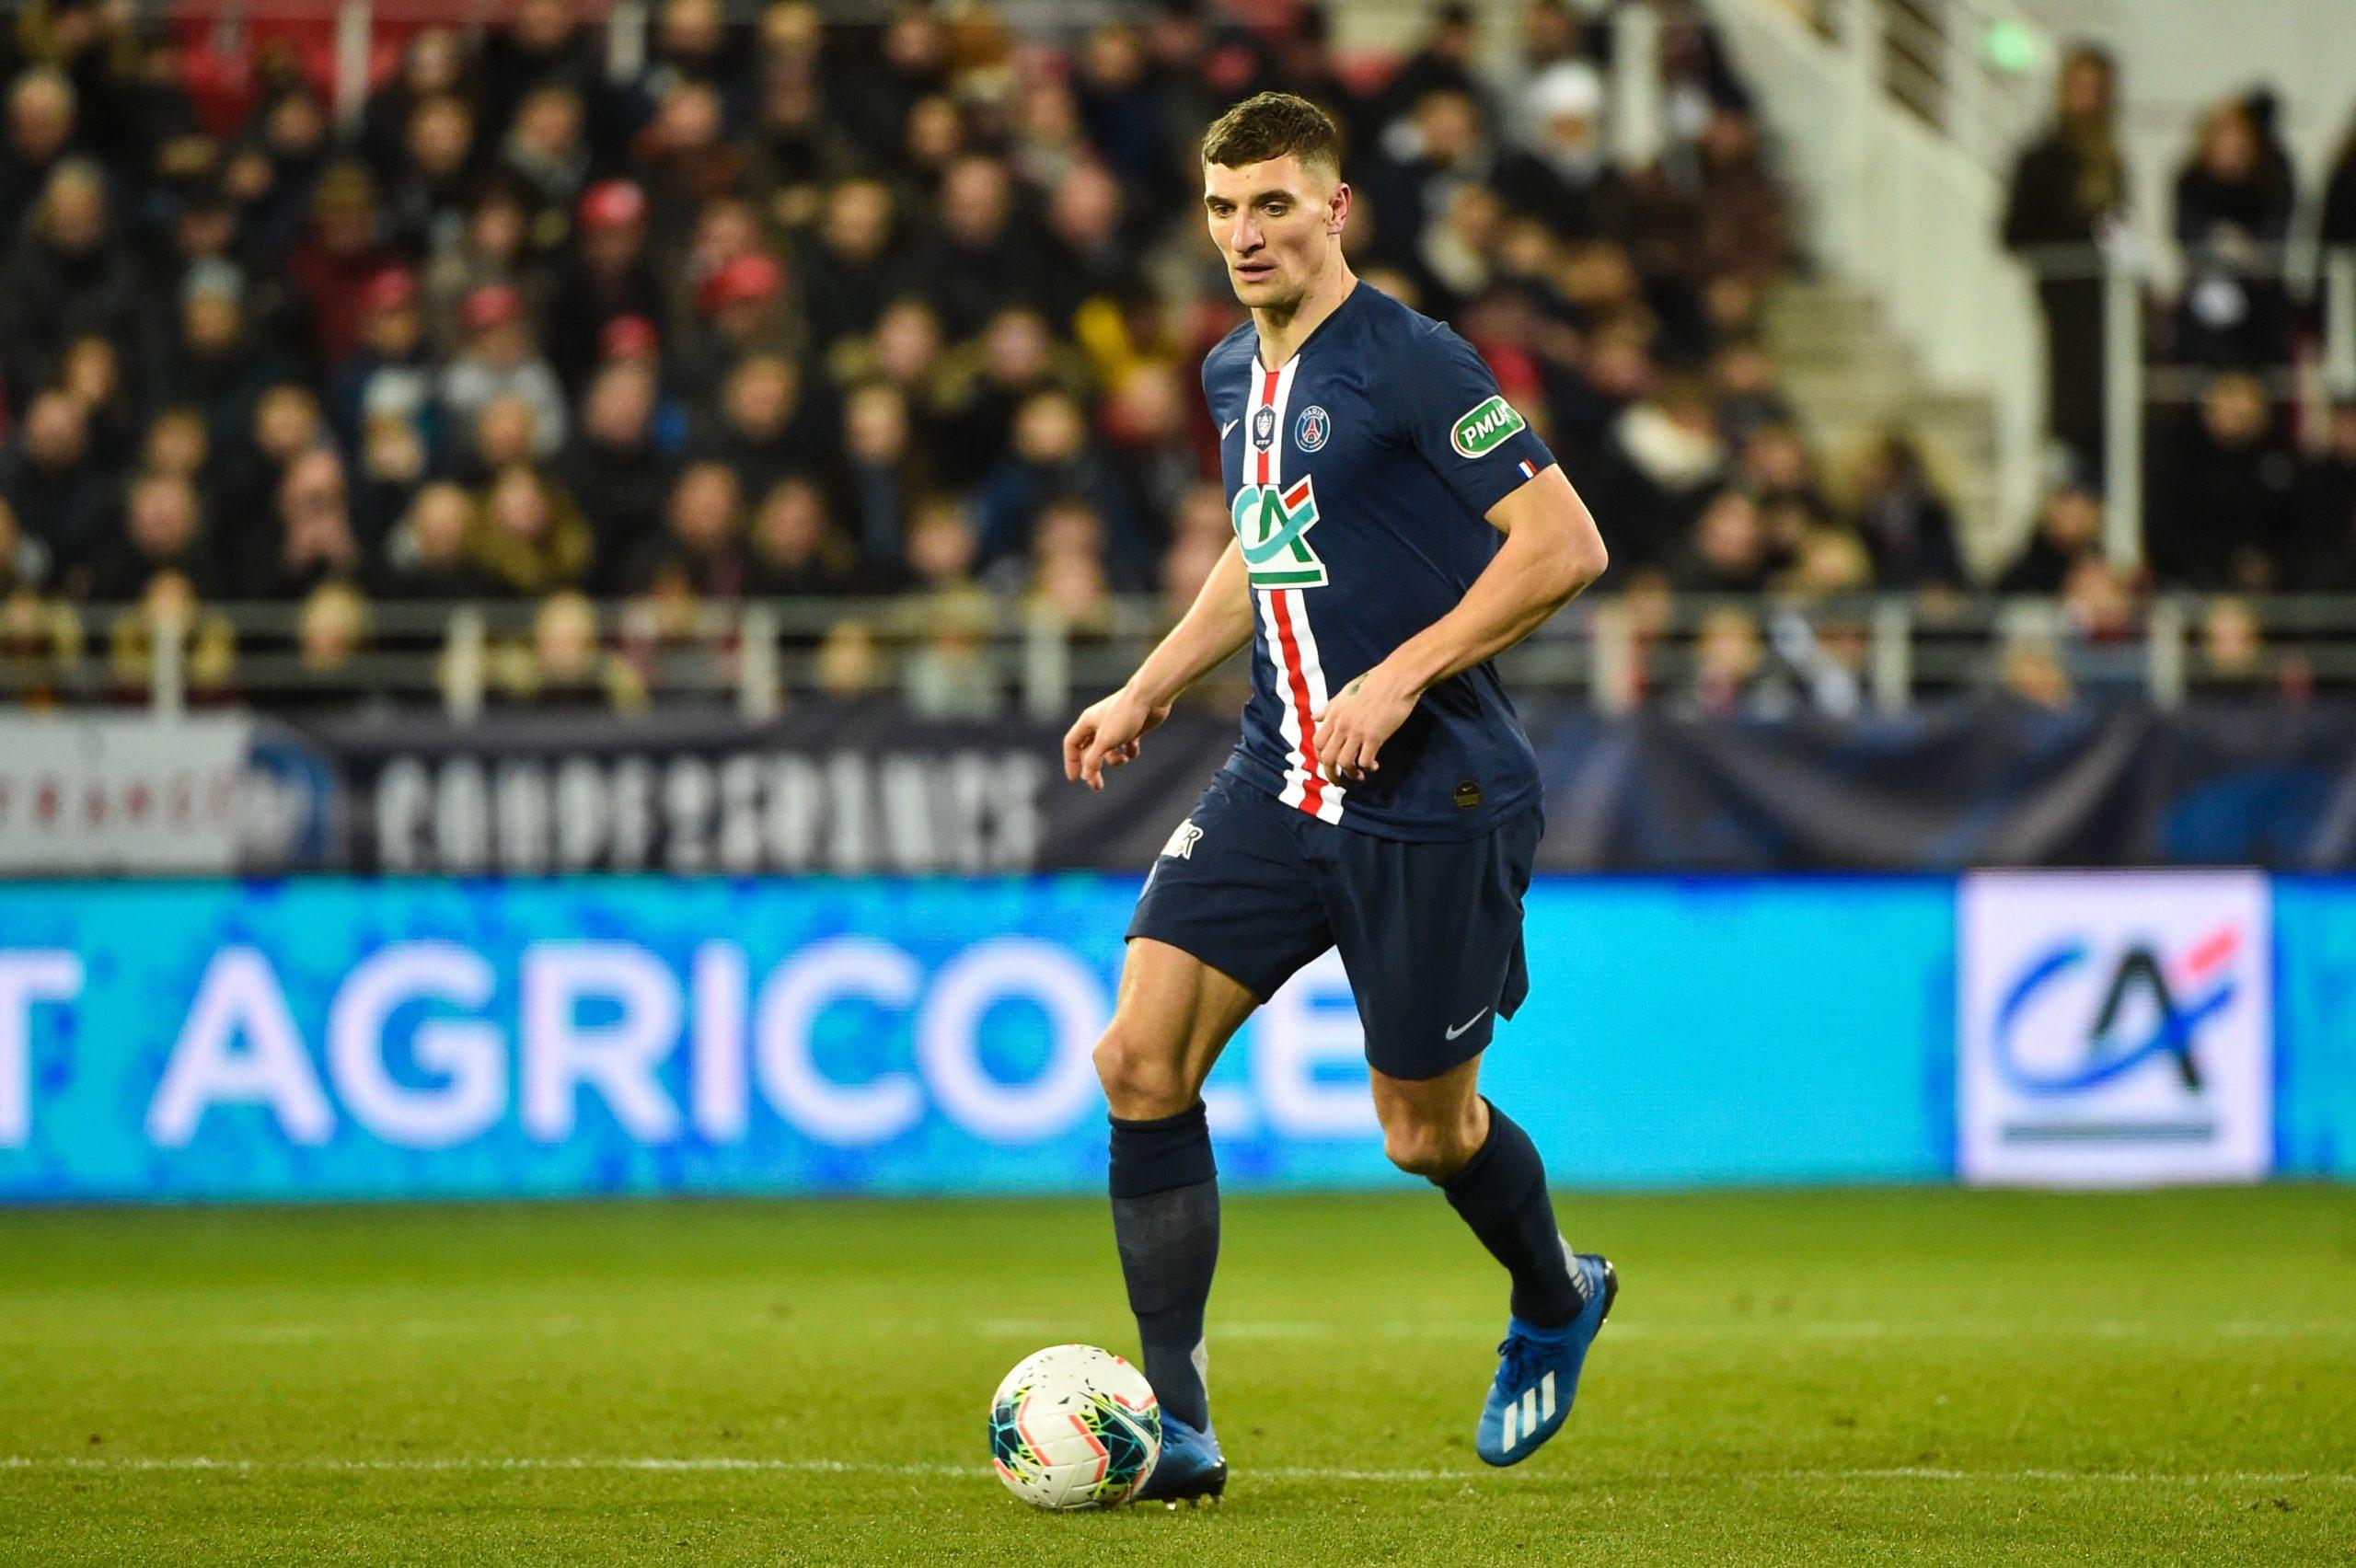 Officiel - Thomas Meunier quitte le PSG et signe au Borussia Dortmund